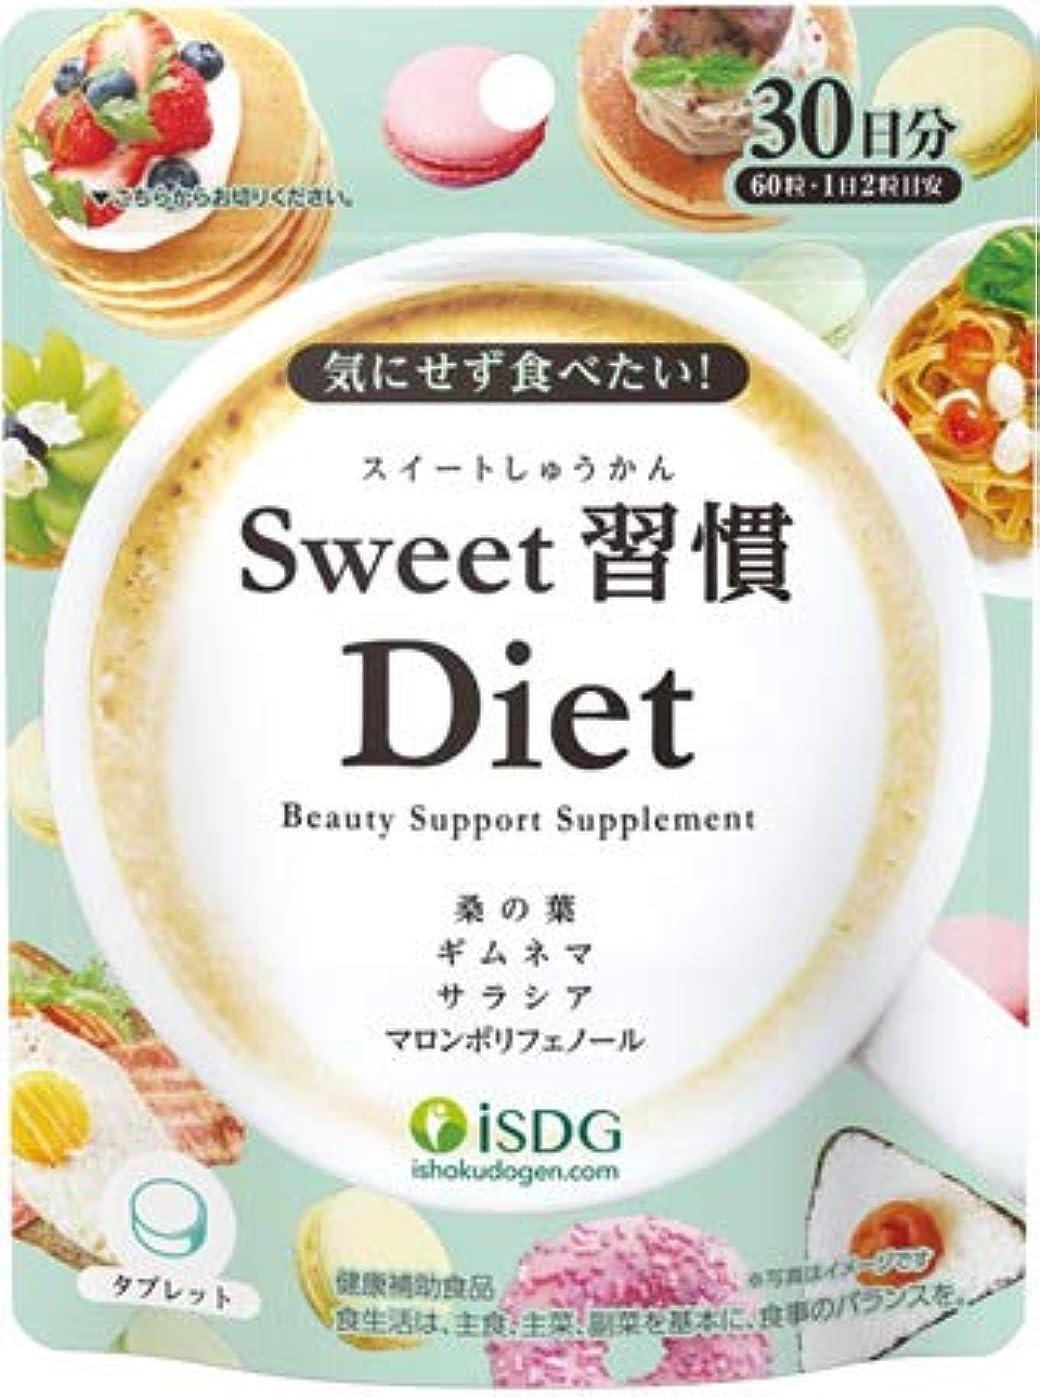 胸トラブル講義医食同源ドットコム 医食同源 Sweet 習慣 Diet 60粒×5個セット スイート ダイエット